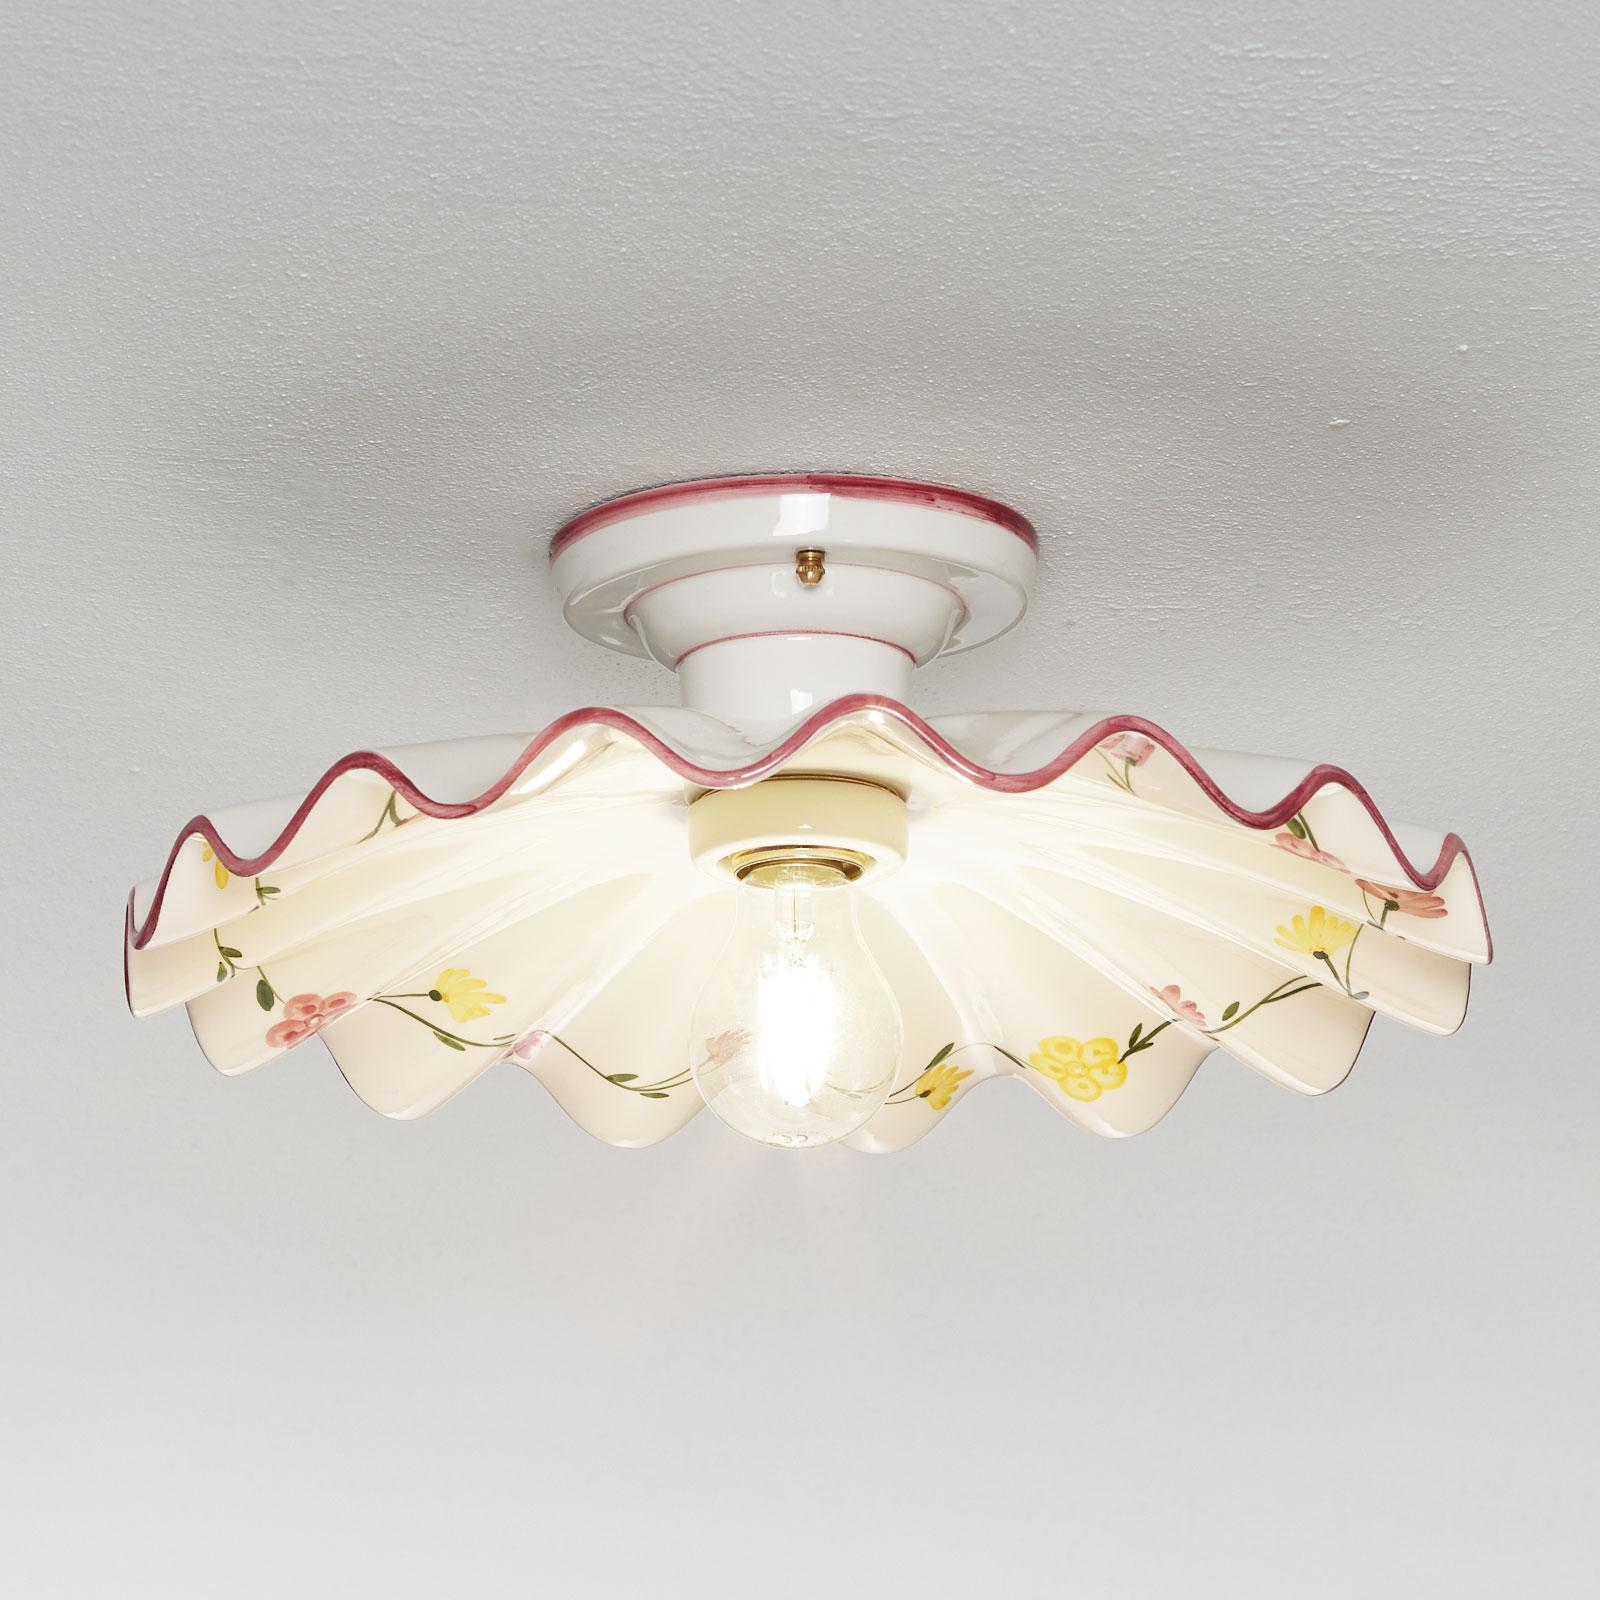 Stropné svietidlo Ametista z keramiky s odstupom_3046030_1